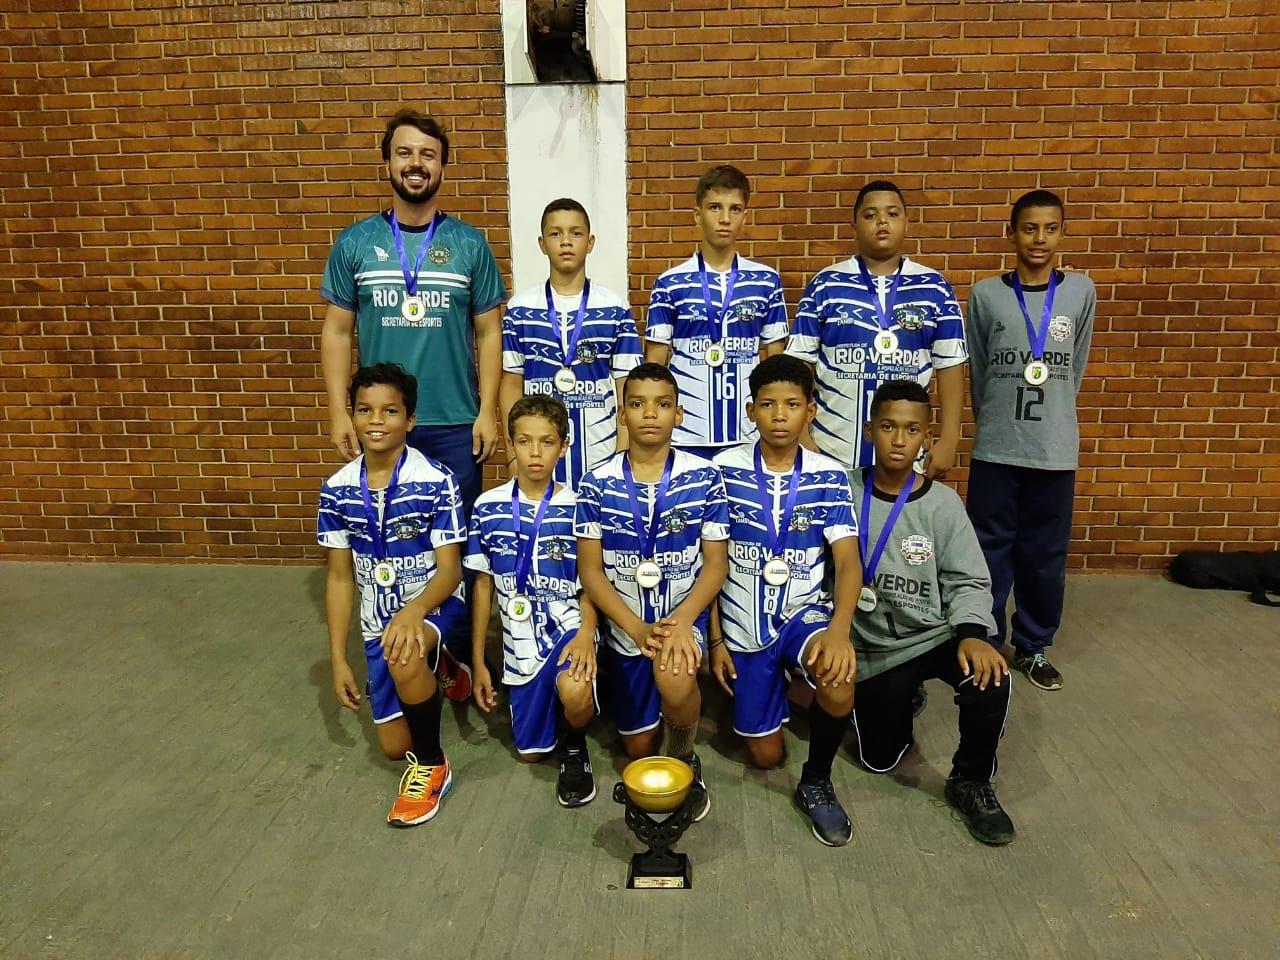 AERV- Handebol conquista cinco títulos no Campeonato Goiano